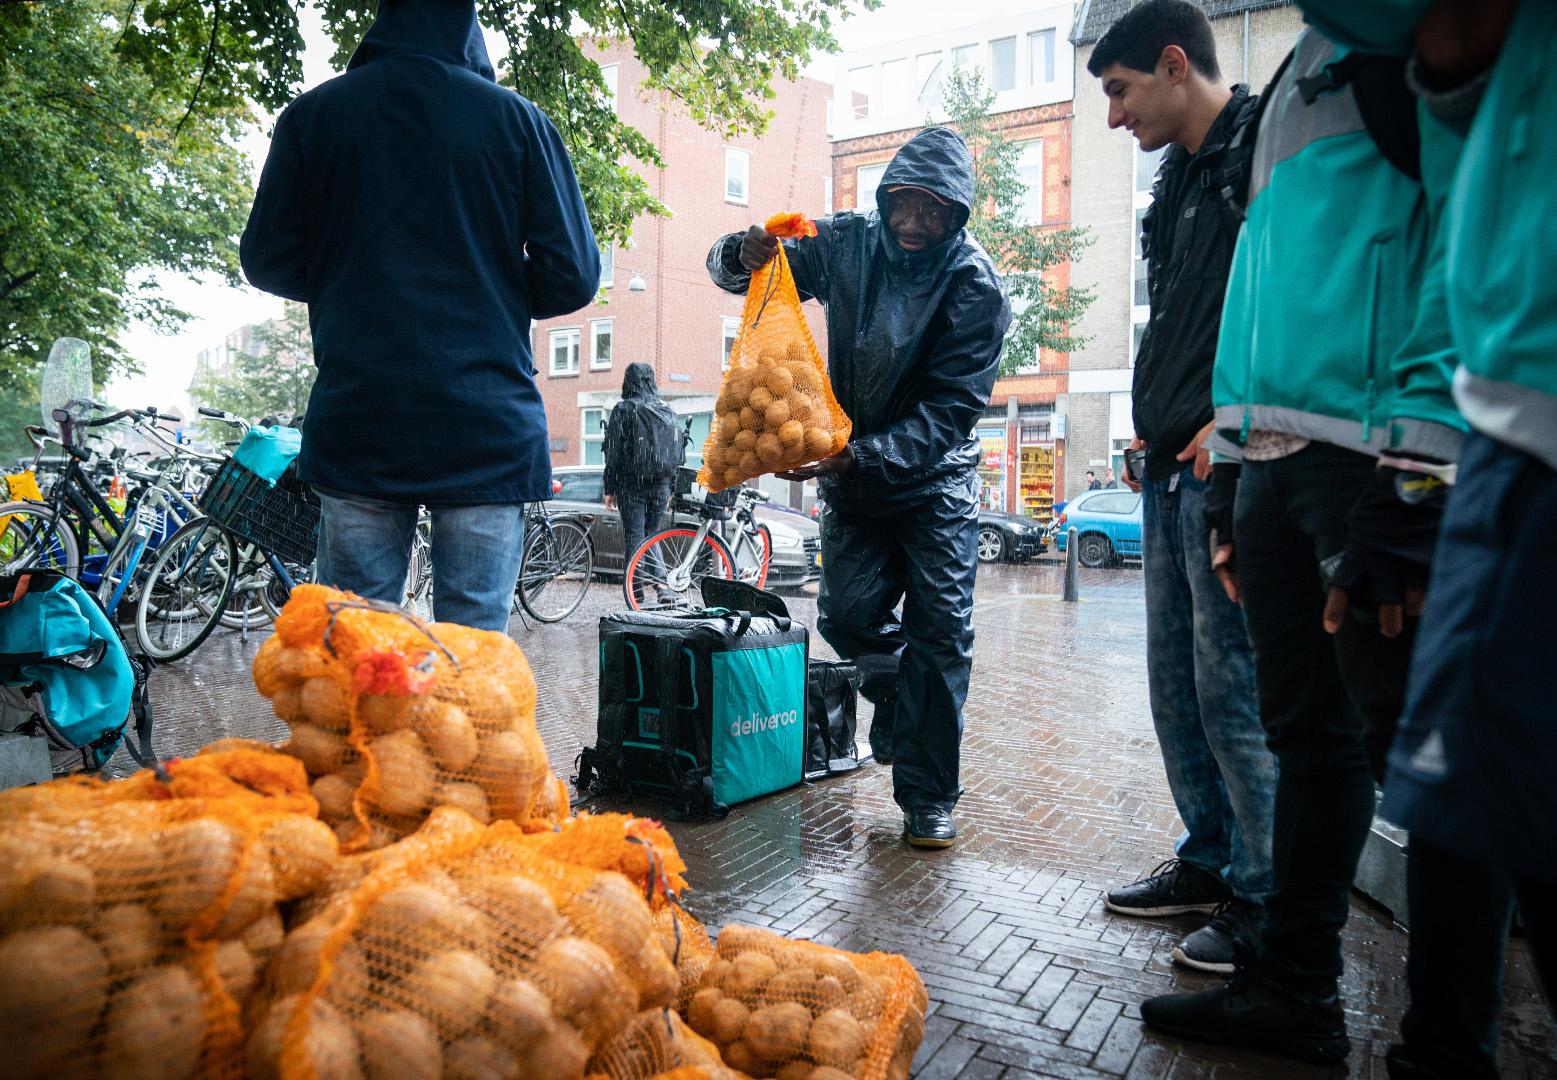 Den Haag, 20 september 2018. Deliveroo brengt aardappels naar Grey Space in the Middle. Onderdeel van TodaysArt om aandacht te vestigen op kleinschalig transport zijn de toekomst Foto Martijn Beekman / gemeente Den Haag